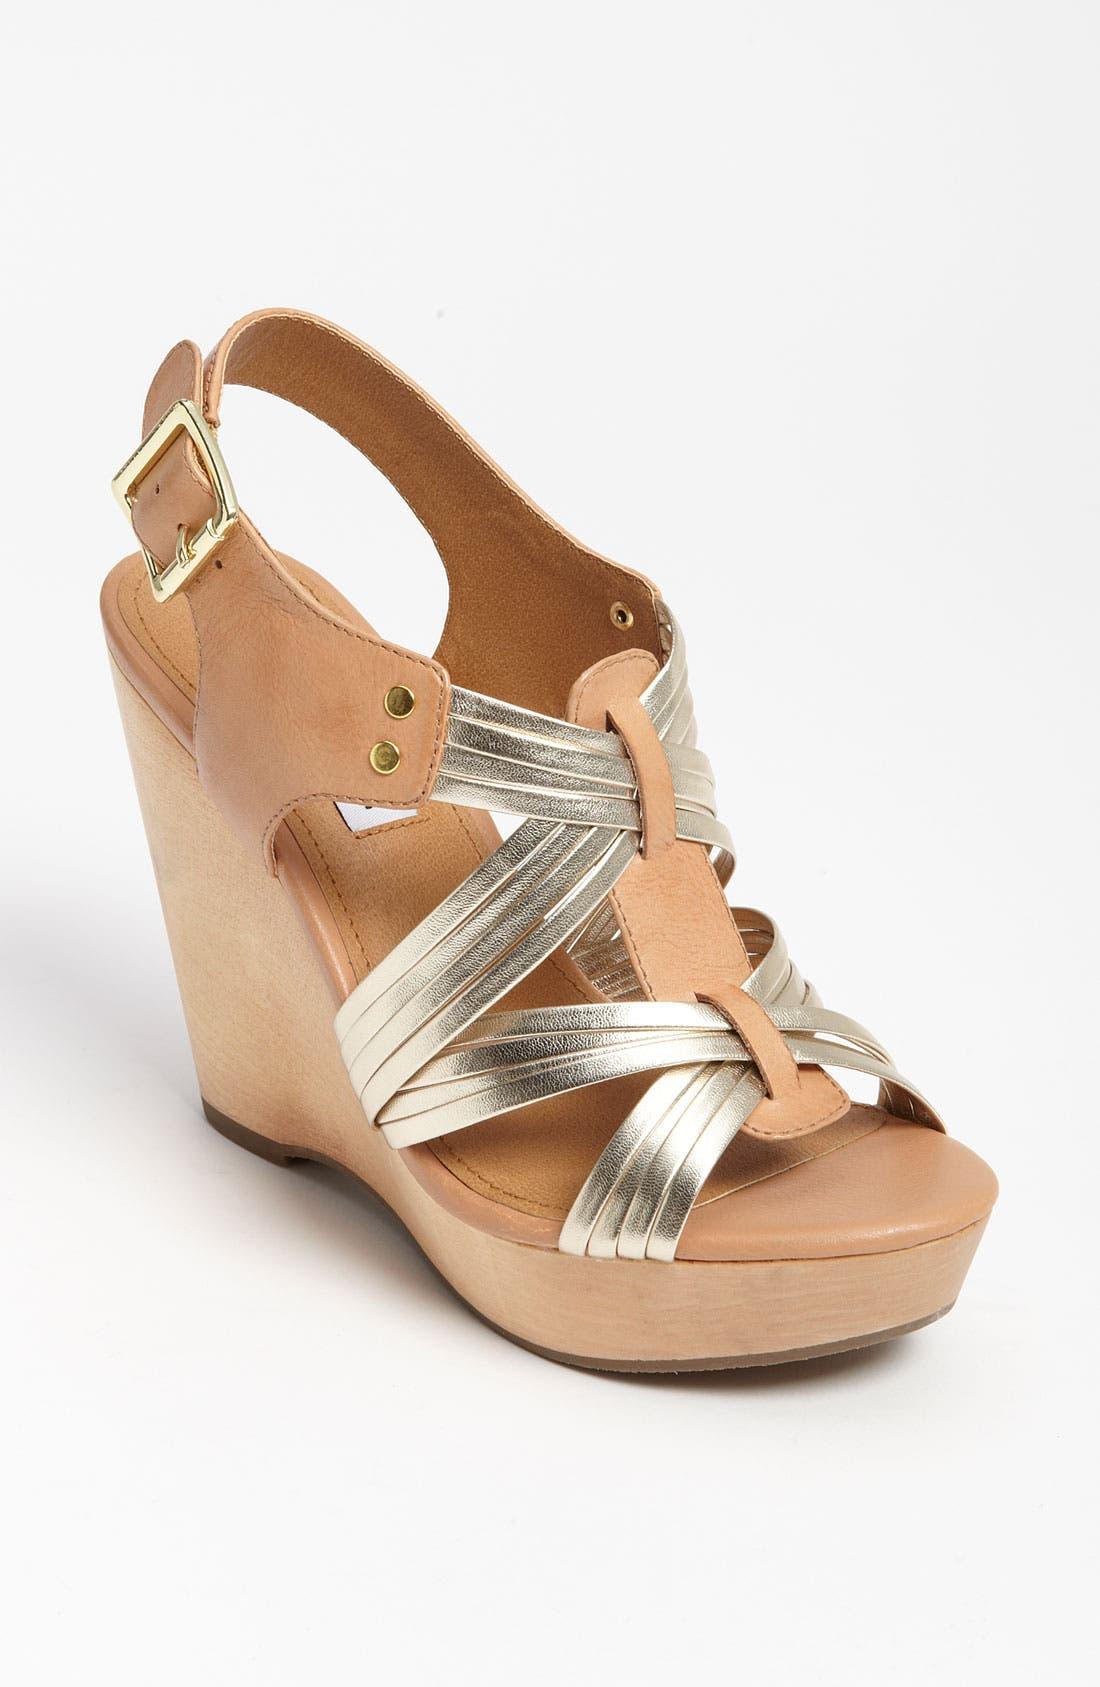 Main Image - Steve Madden 'Tampaa' Sandal